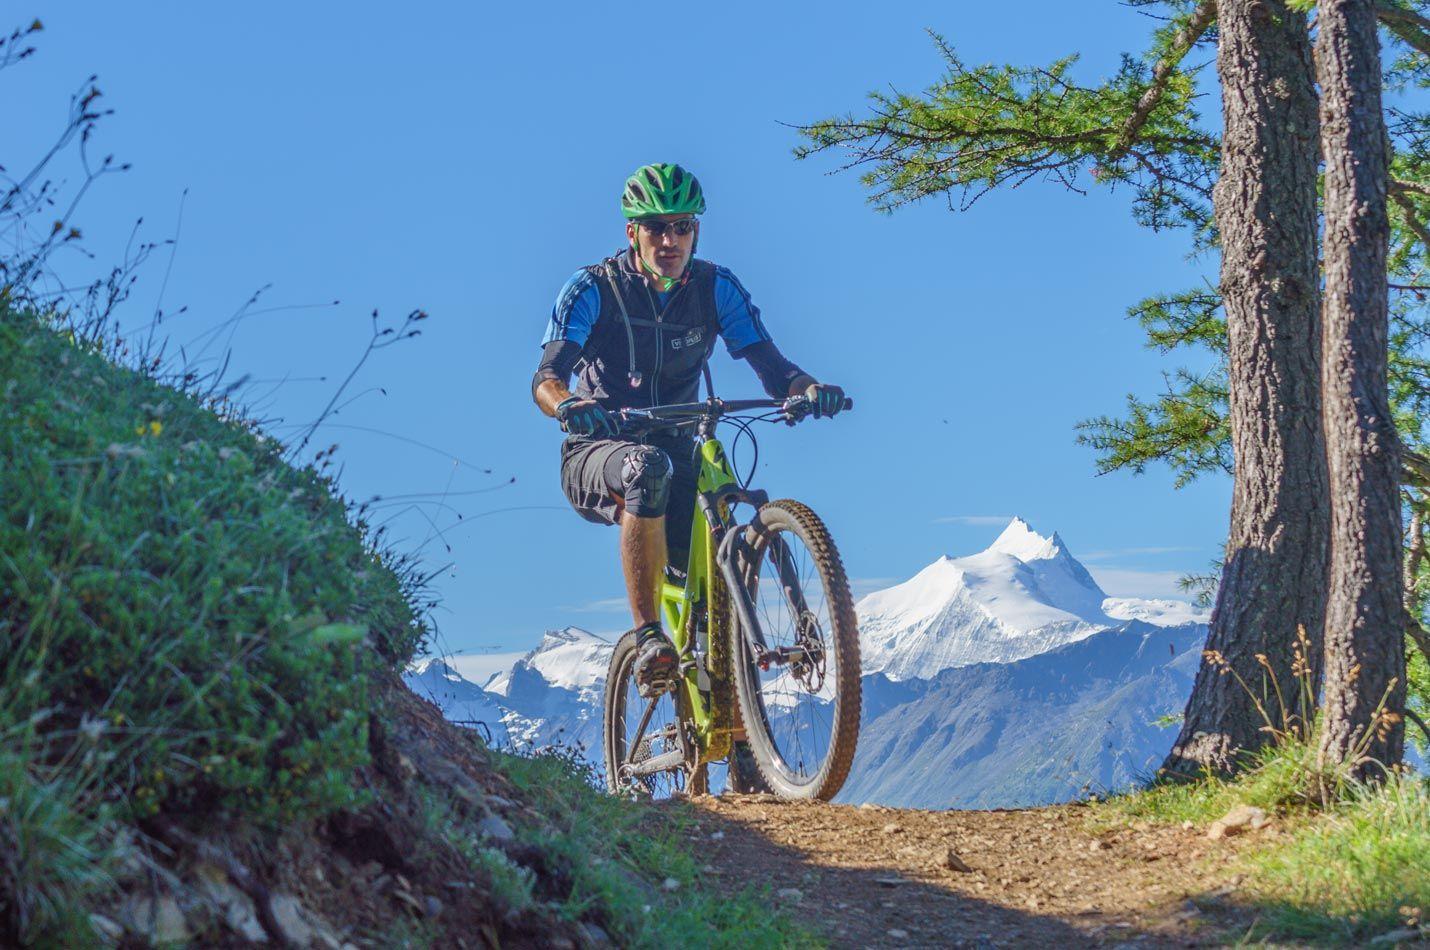 Wallis Wochenende mit einem Biker vor eindrücklichem Panorama